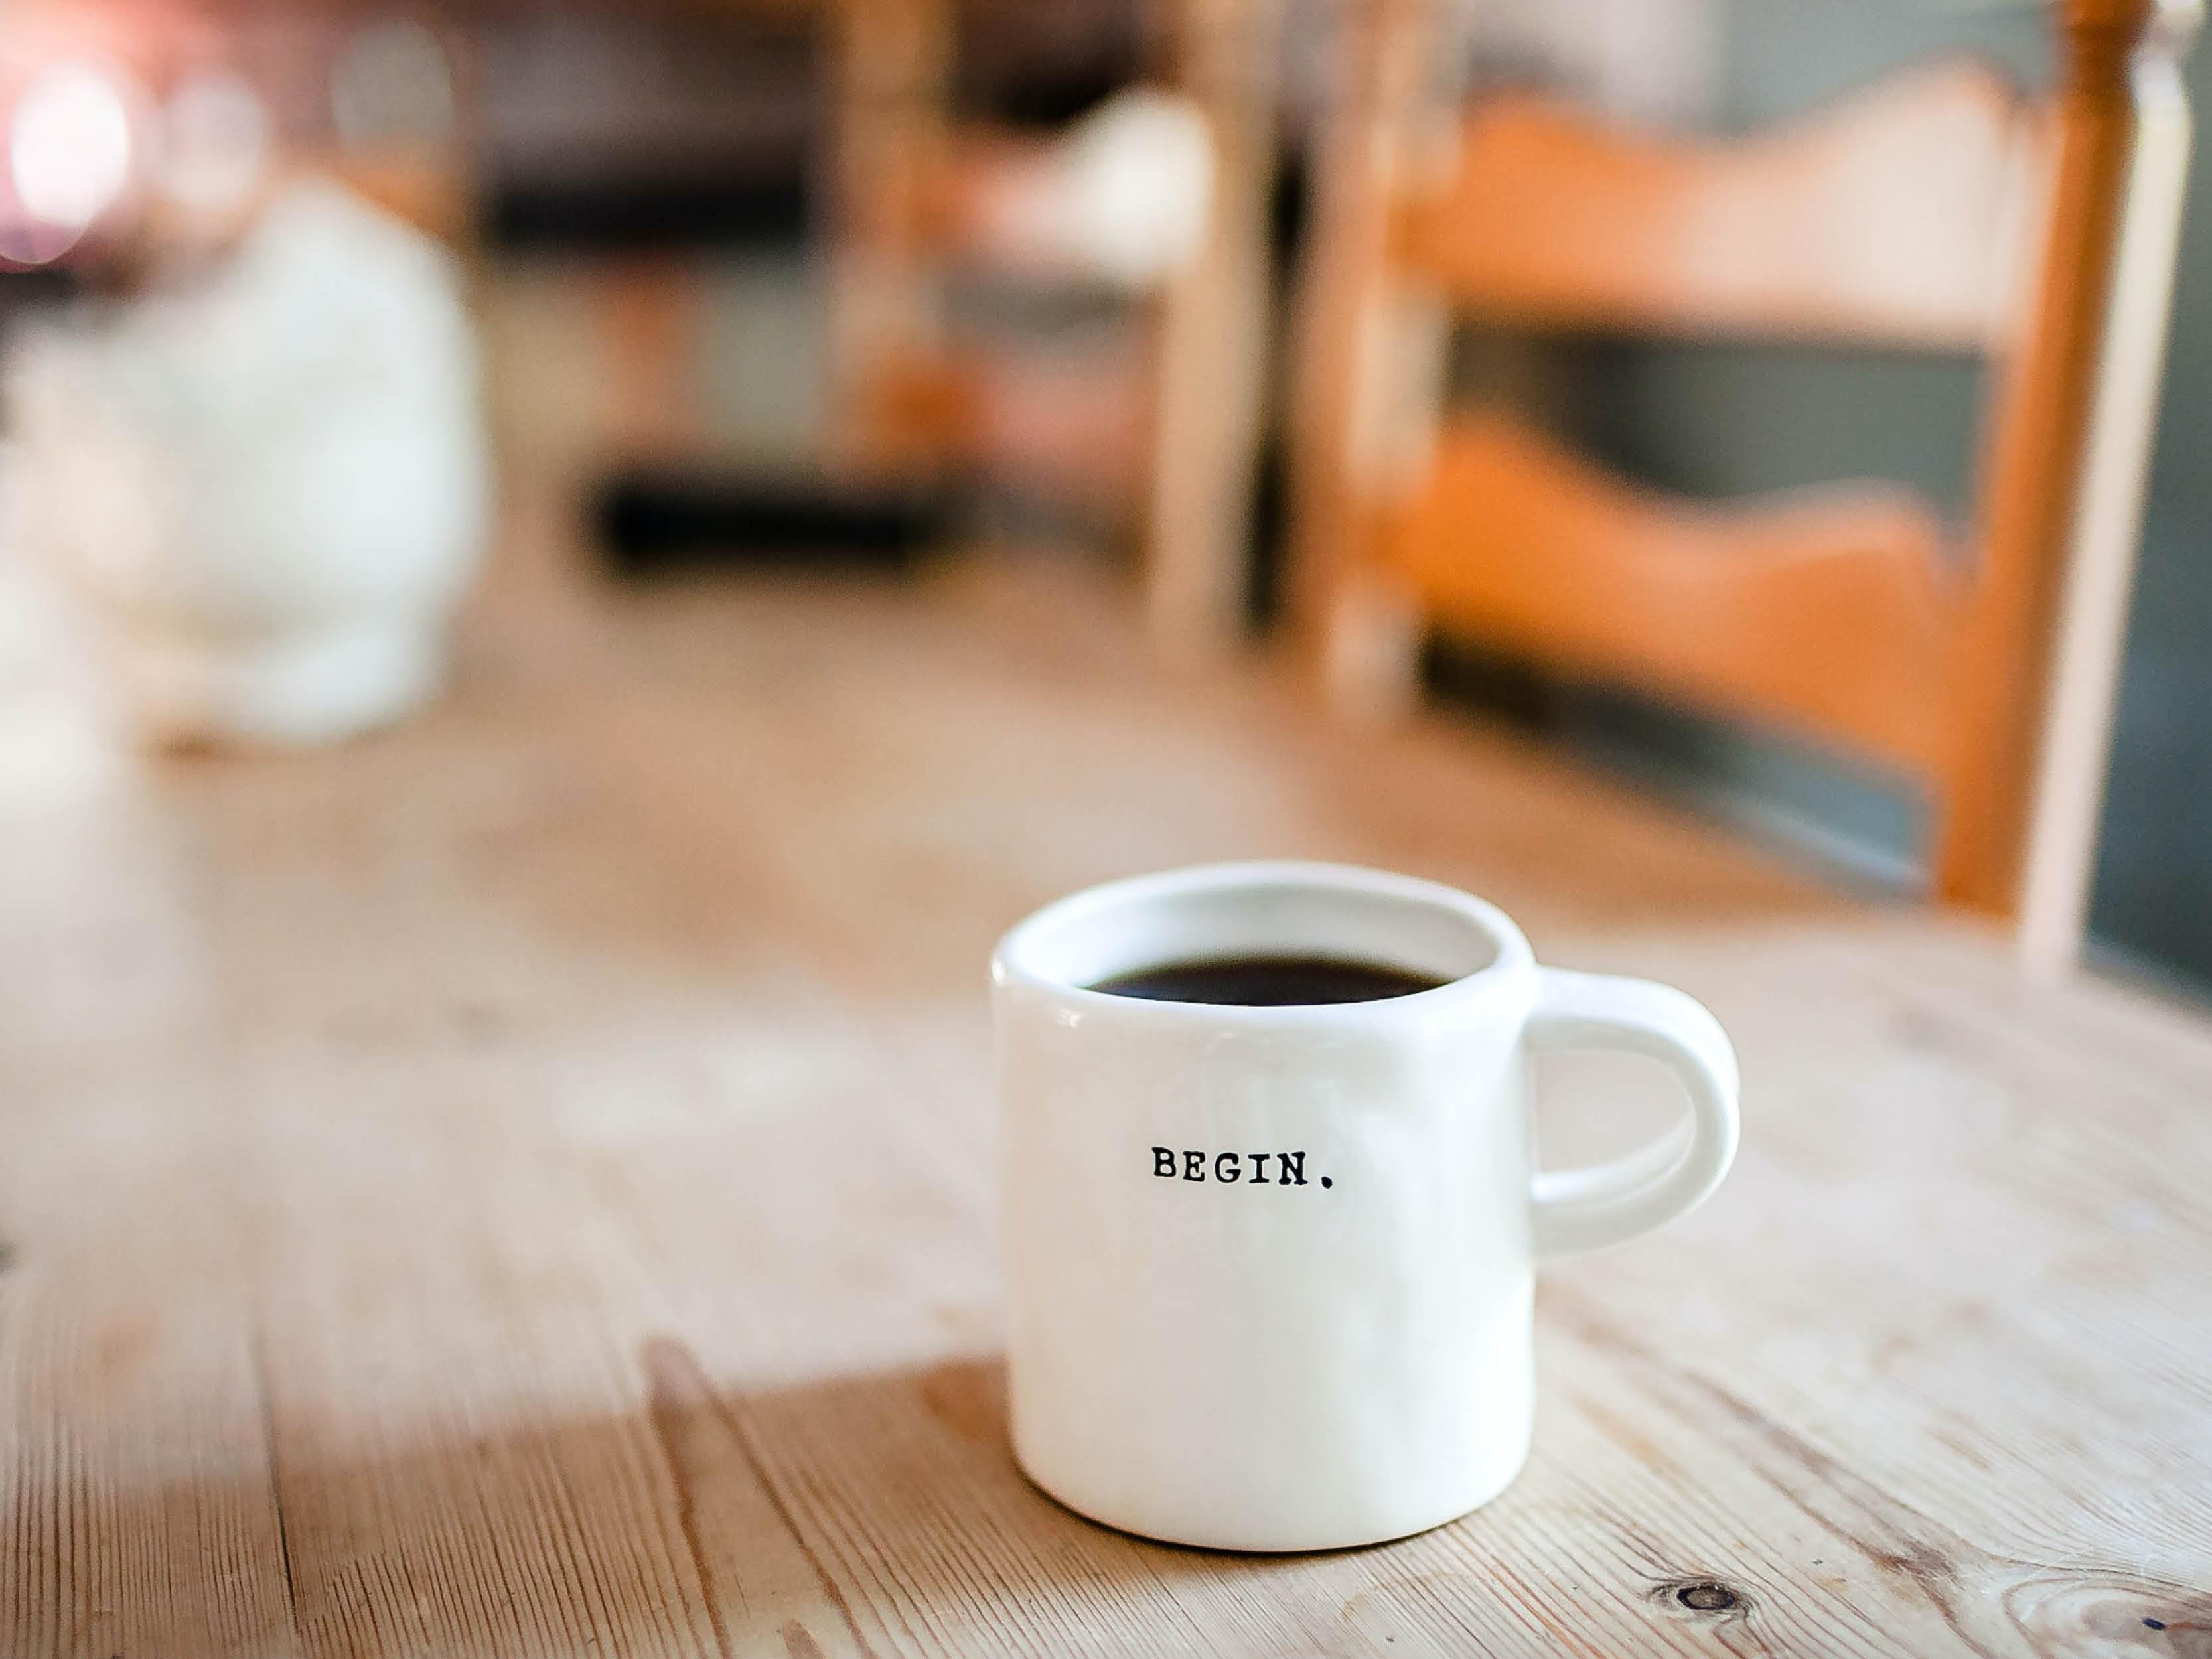 Drink koffie slim